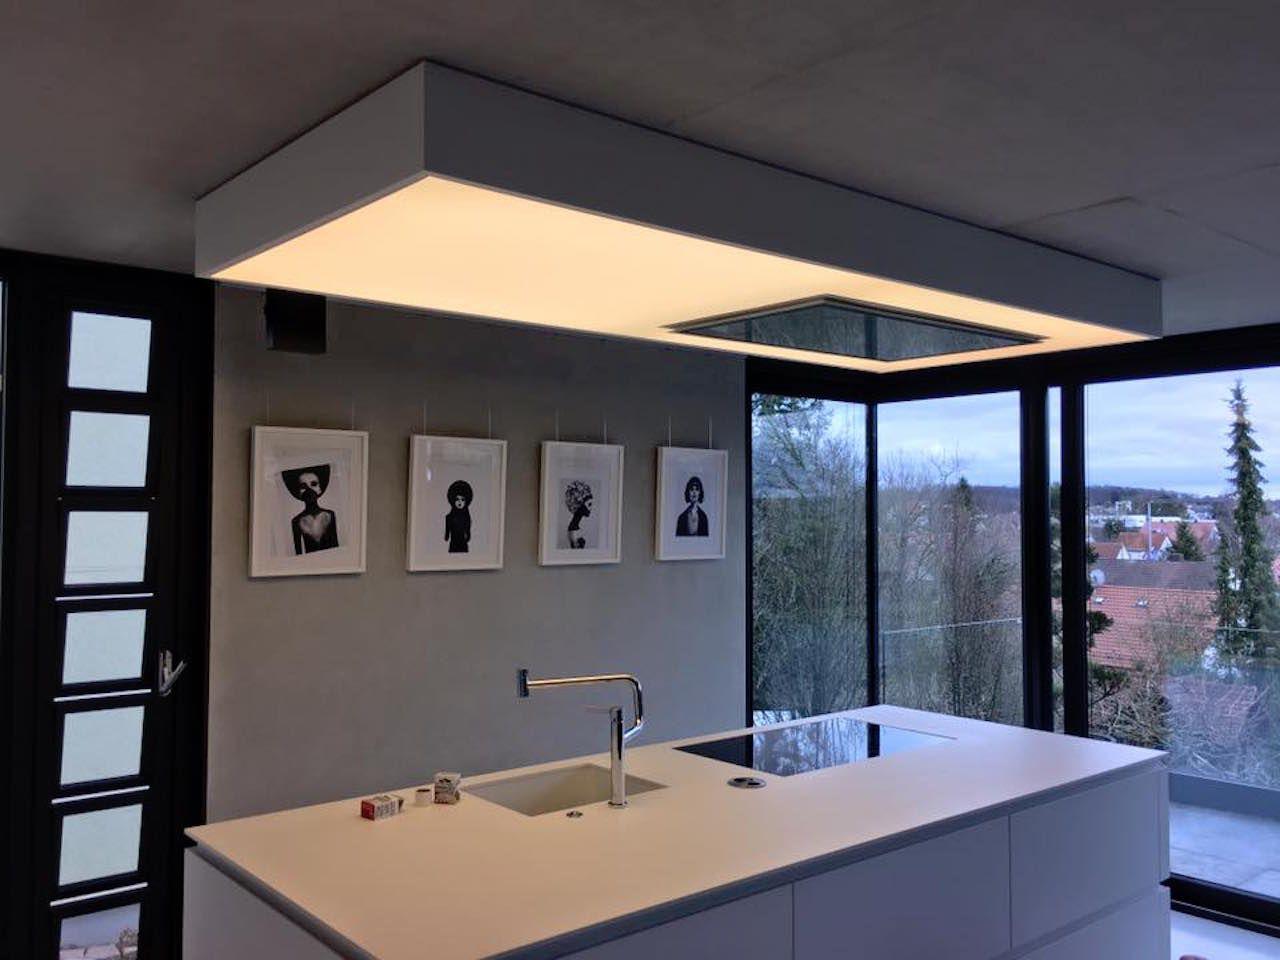 Lichtdecke Transparente Spanndecke Spanndecken Deckenverkleidung Wohnung